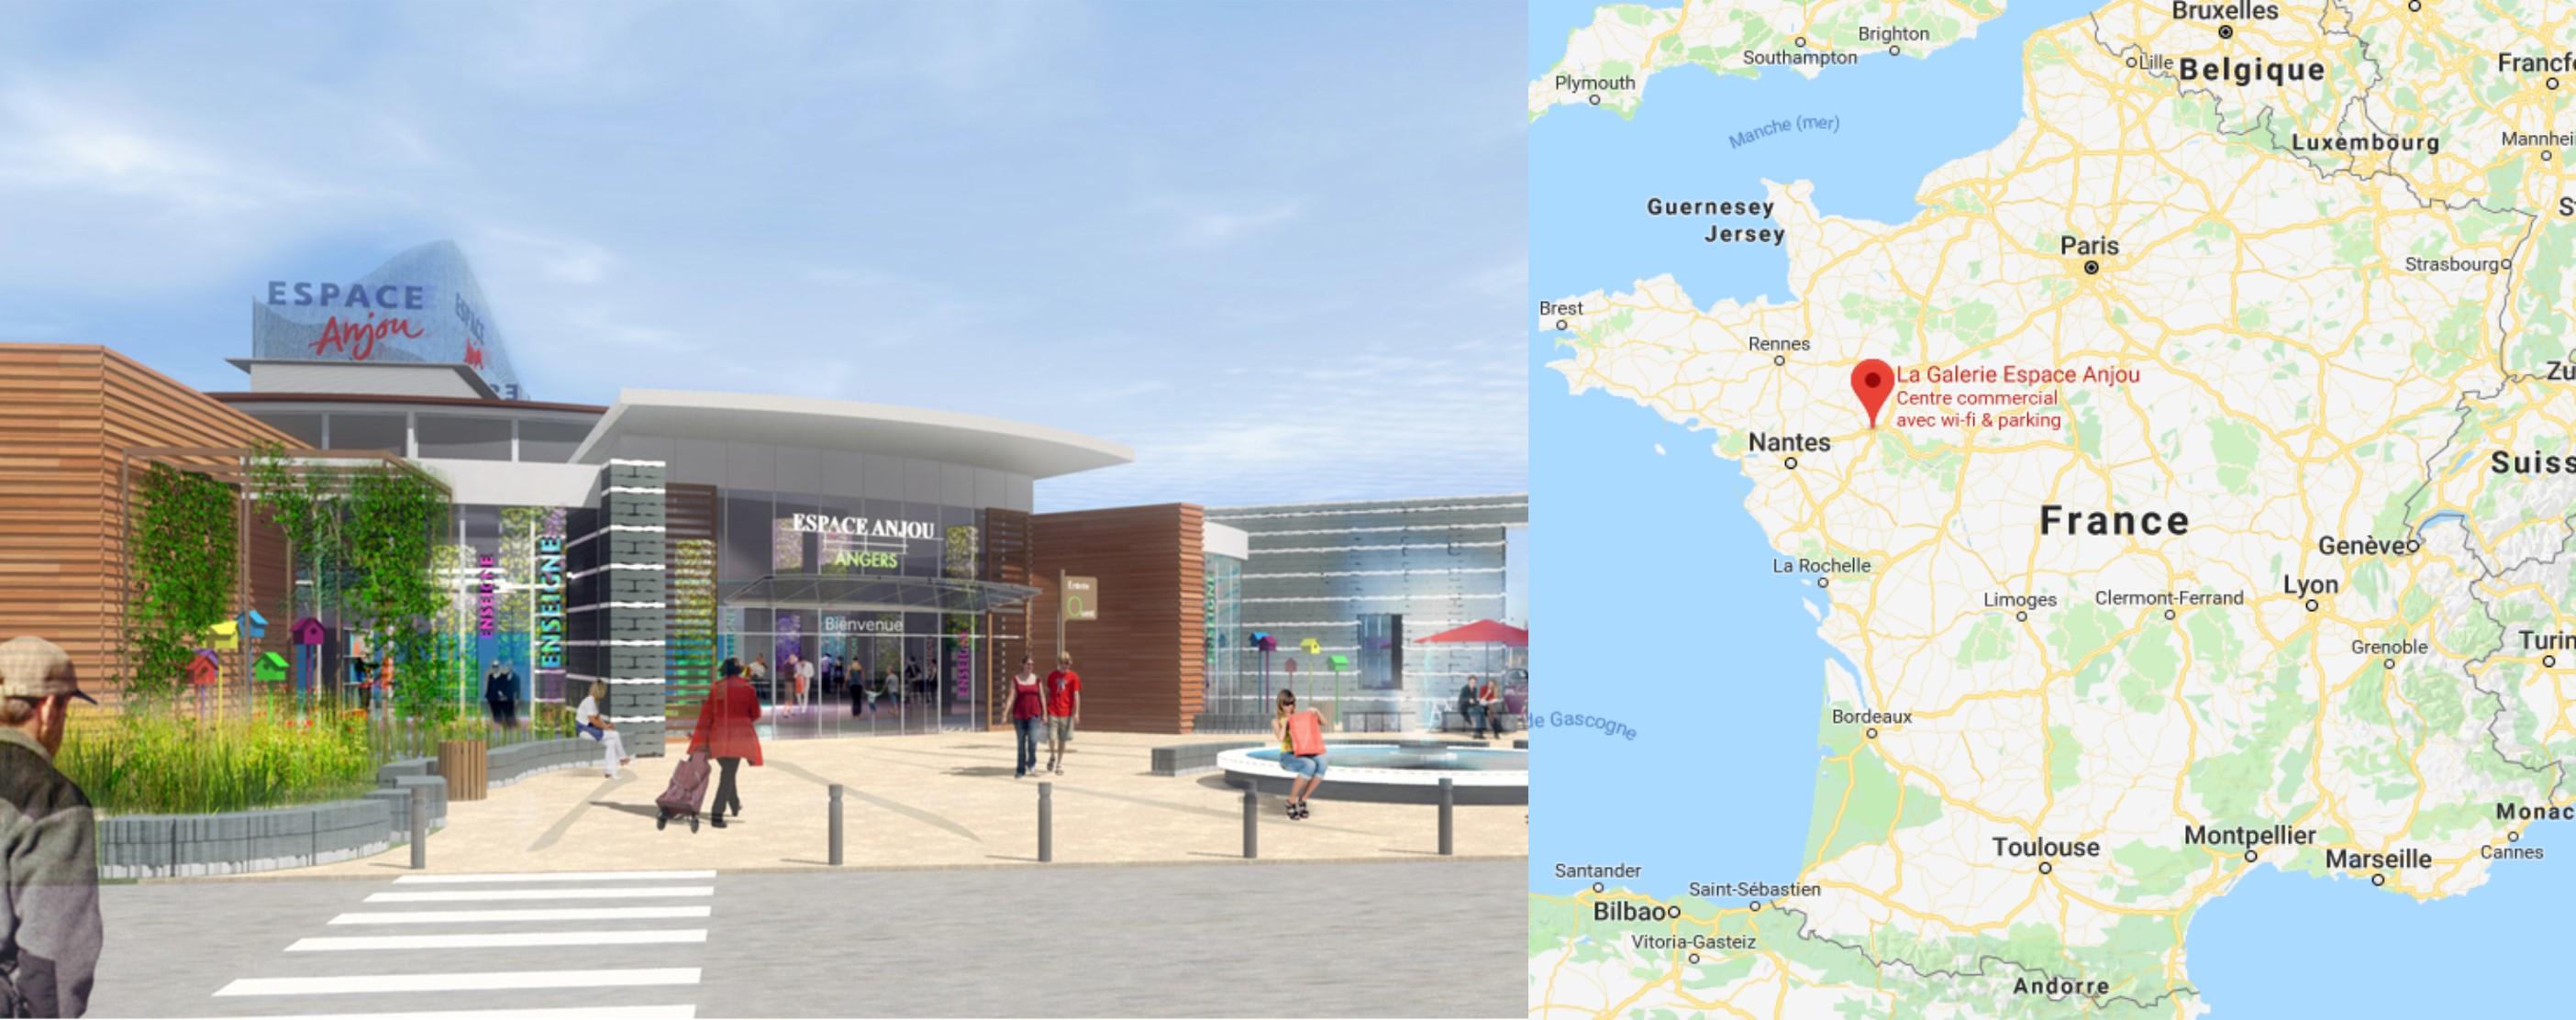 Centre commercial Espace Anjou à Angers